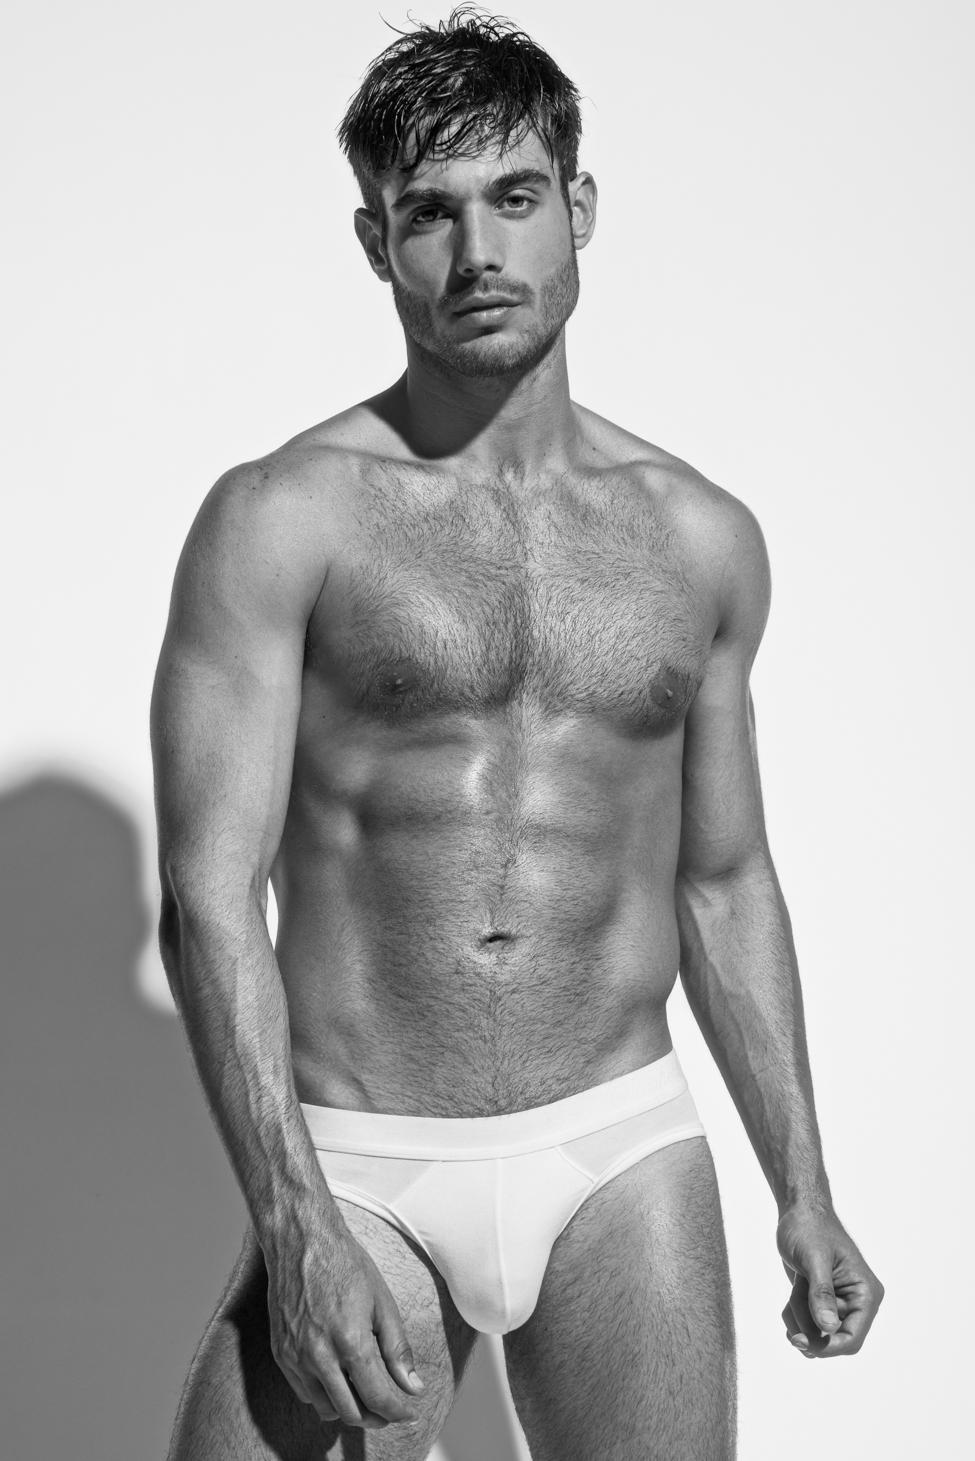 Adon Exclusive: Model Arturo Alcala By Frank Louis